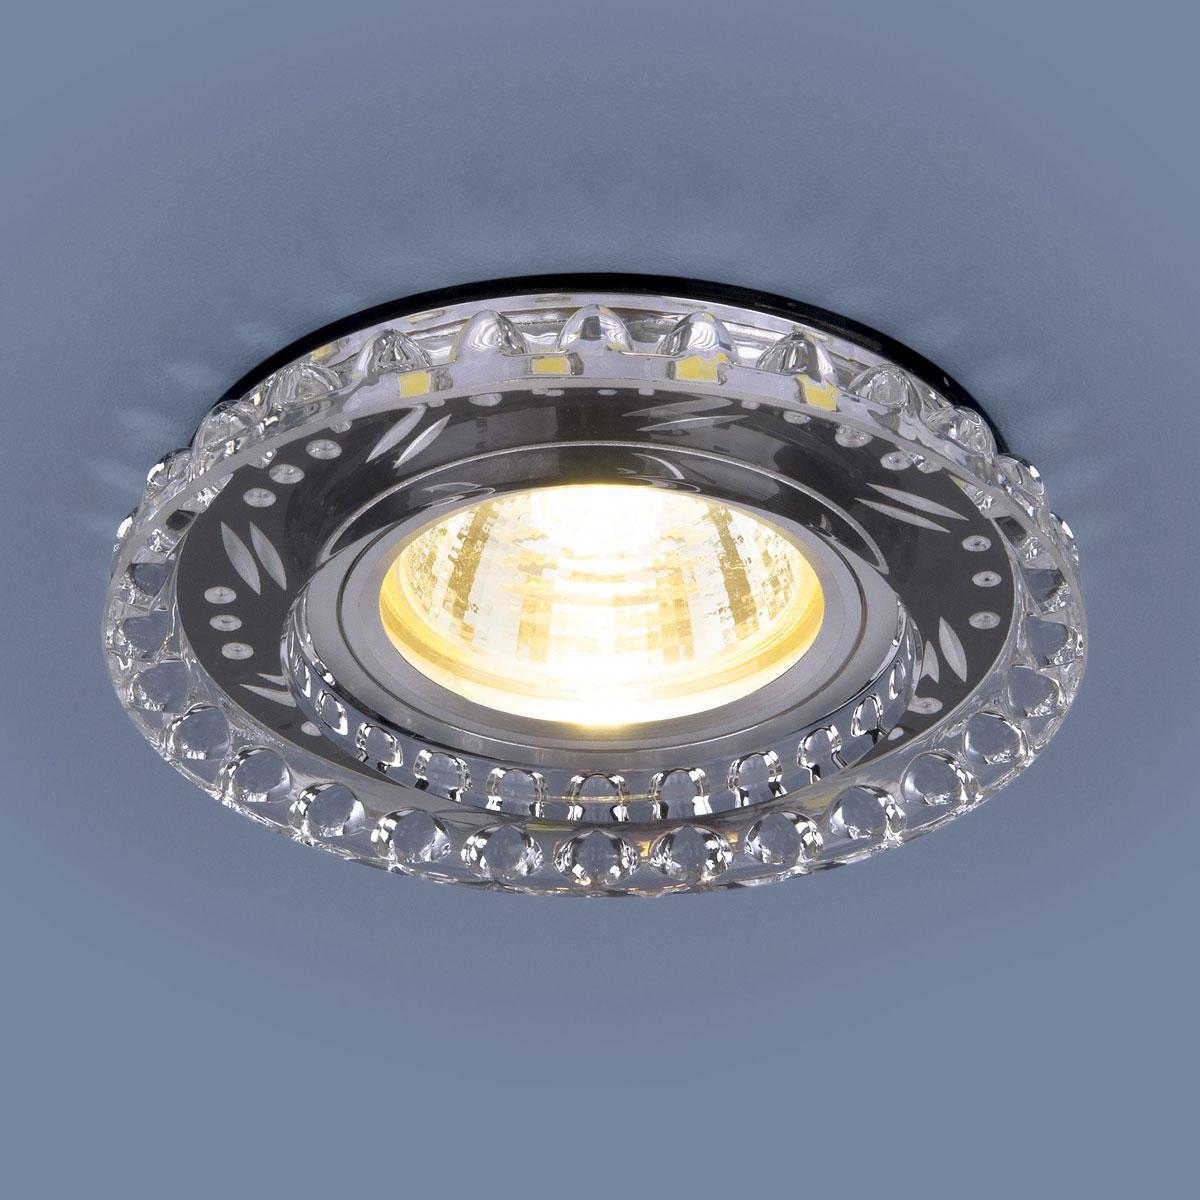 Фото - Встраиваемый светильник Elektrostandard 8351 MR16 CL/BK прозрачный/черный 4690389098376 встраиваемый светильник elektrostandard 8351 mr16 cl bk прозрачный черный 4690389098376